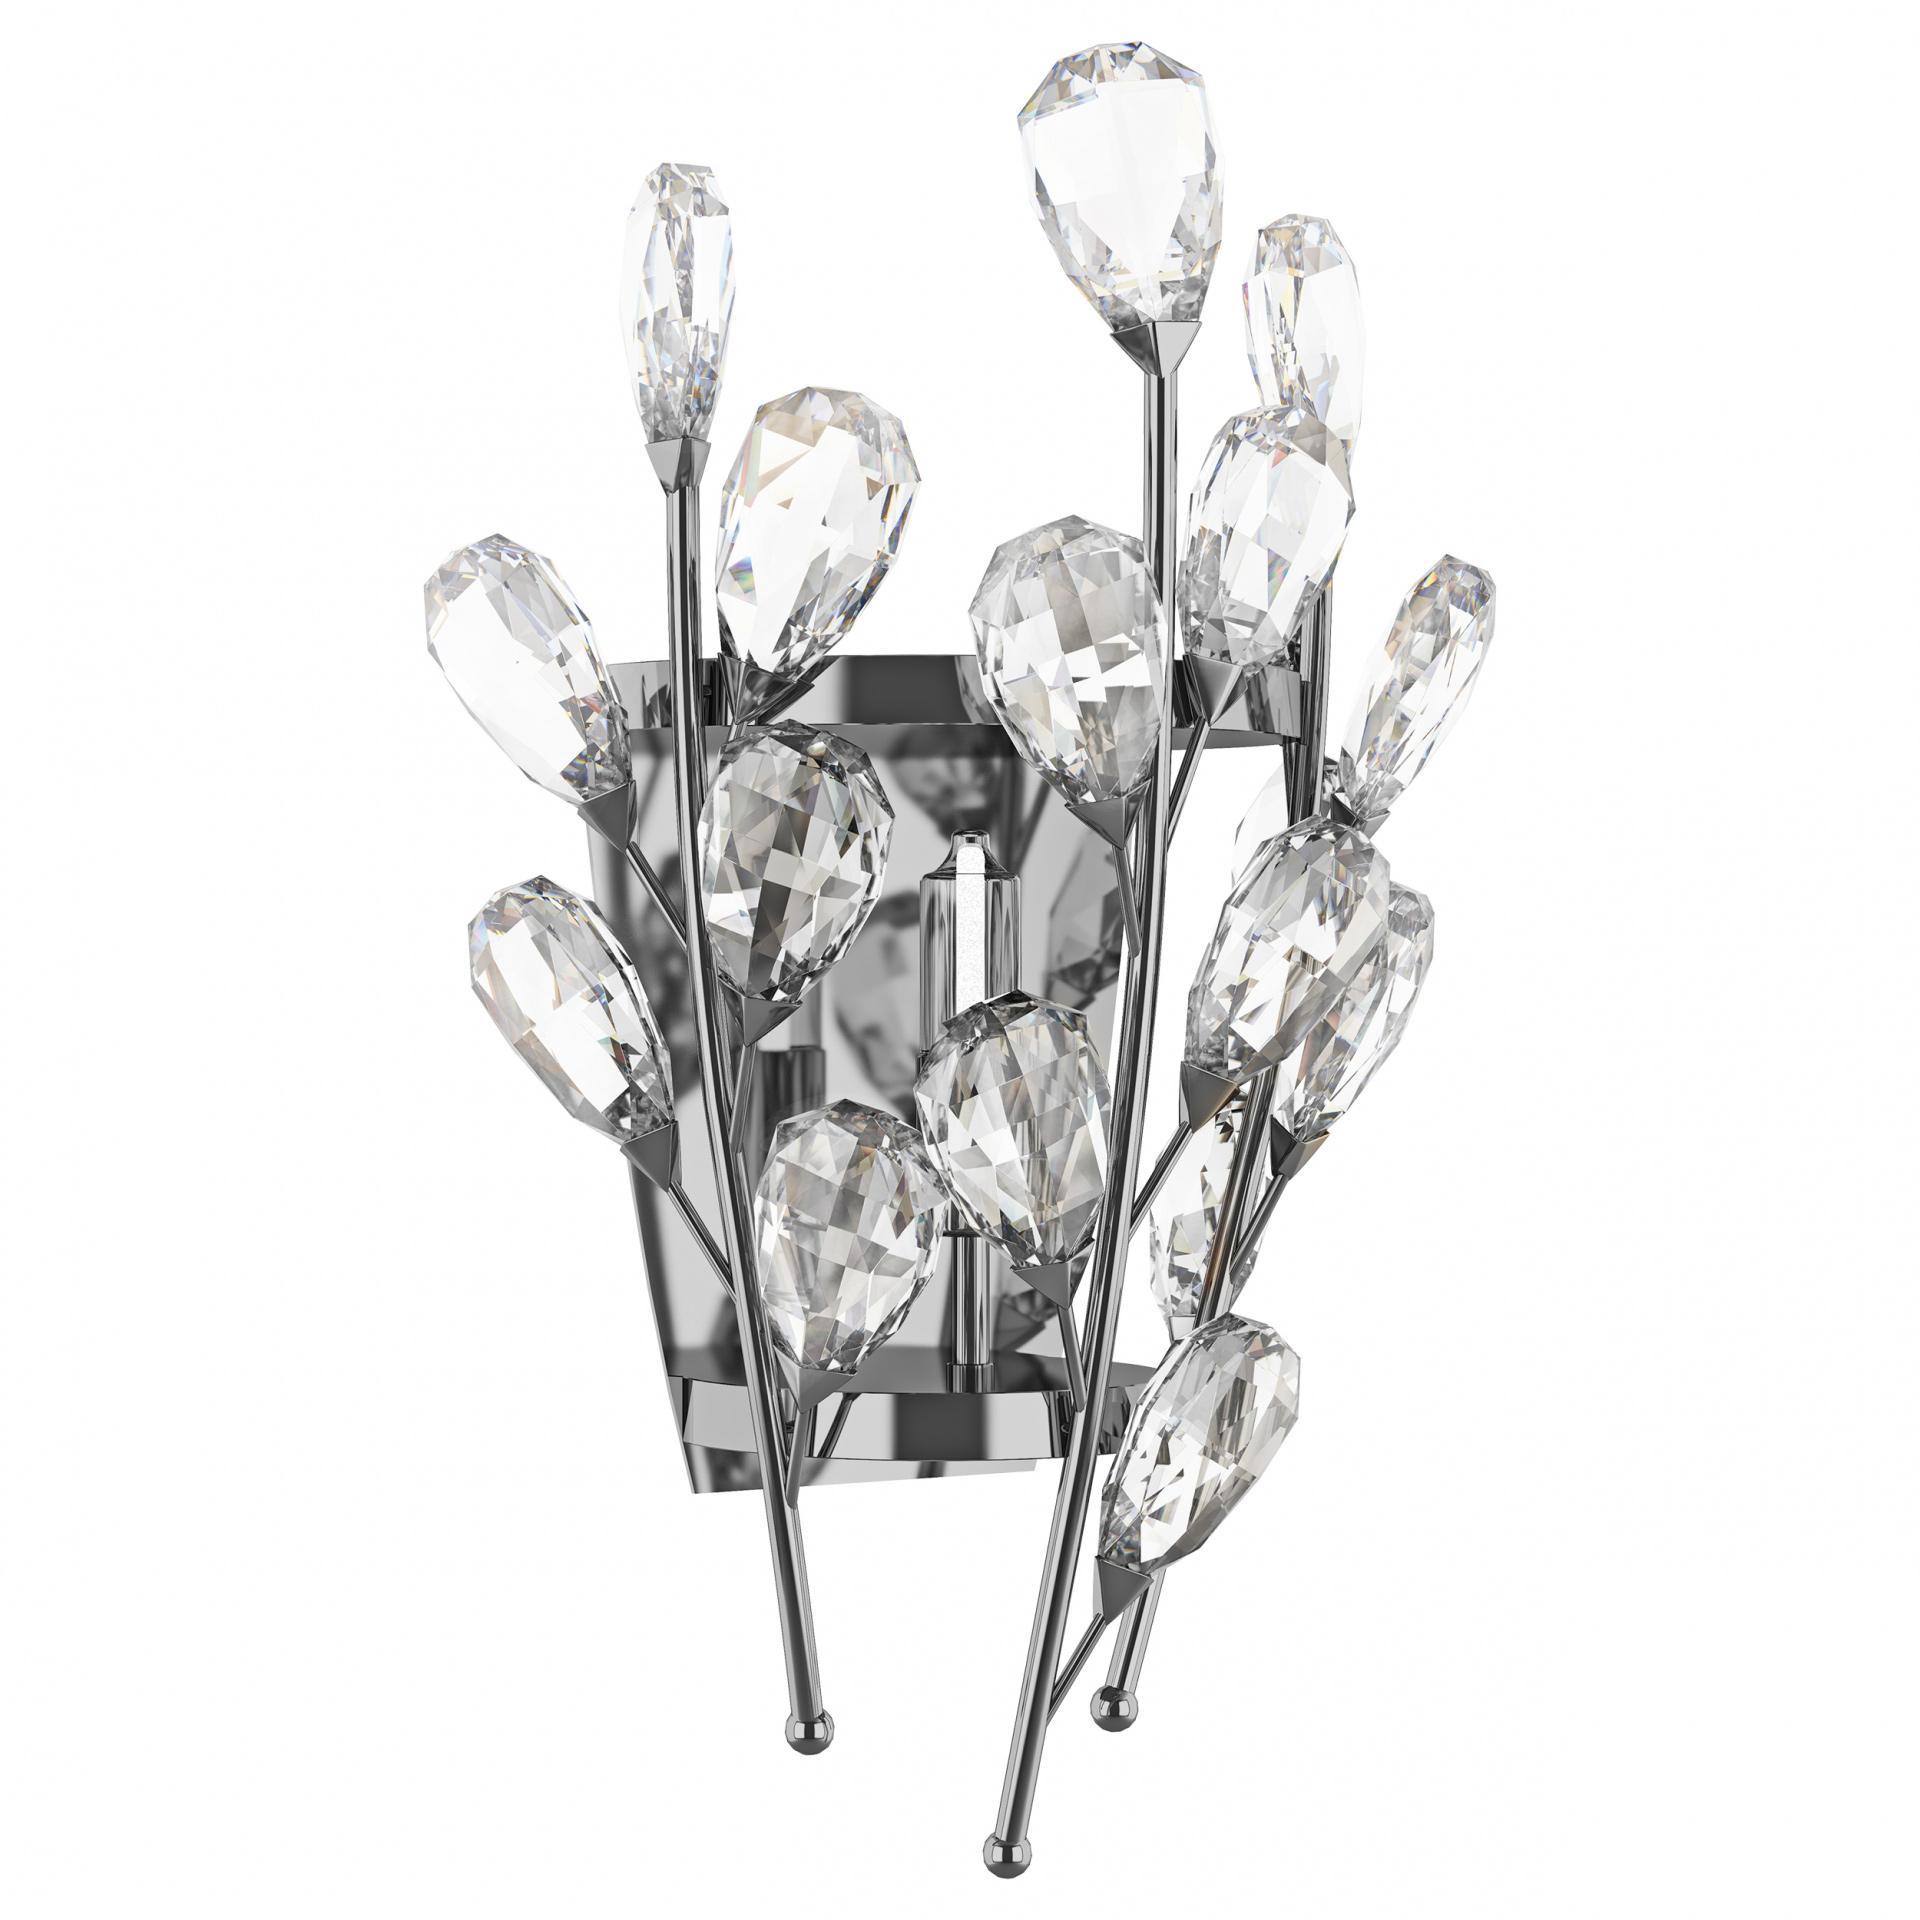 Бра Isabelle 1х40W G9 хром Lightstar 791614, купить в СПб, Москве, с доставкой, Санкт-Петербург, интернет-магазин люстр и светильников Starlight, фото в жизни